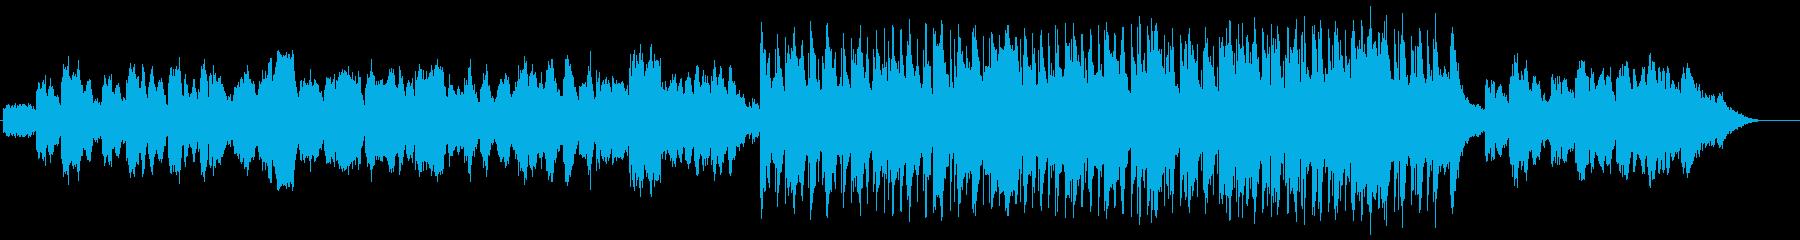 落ち着いたアコースティックの再生済みの波形